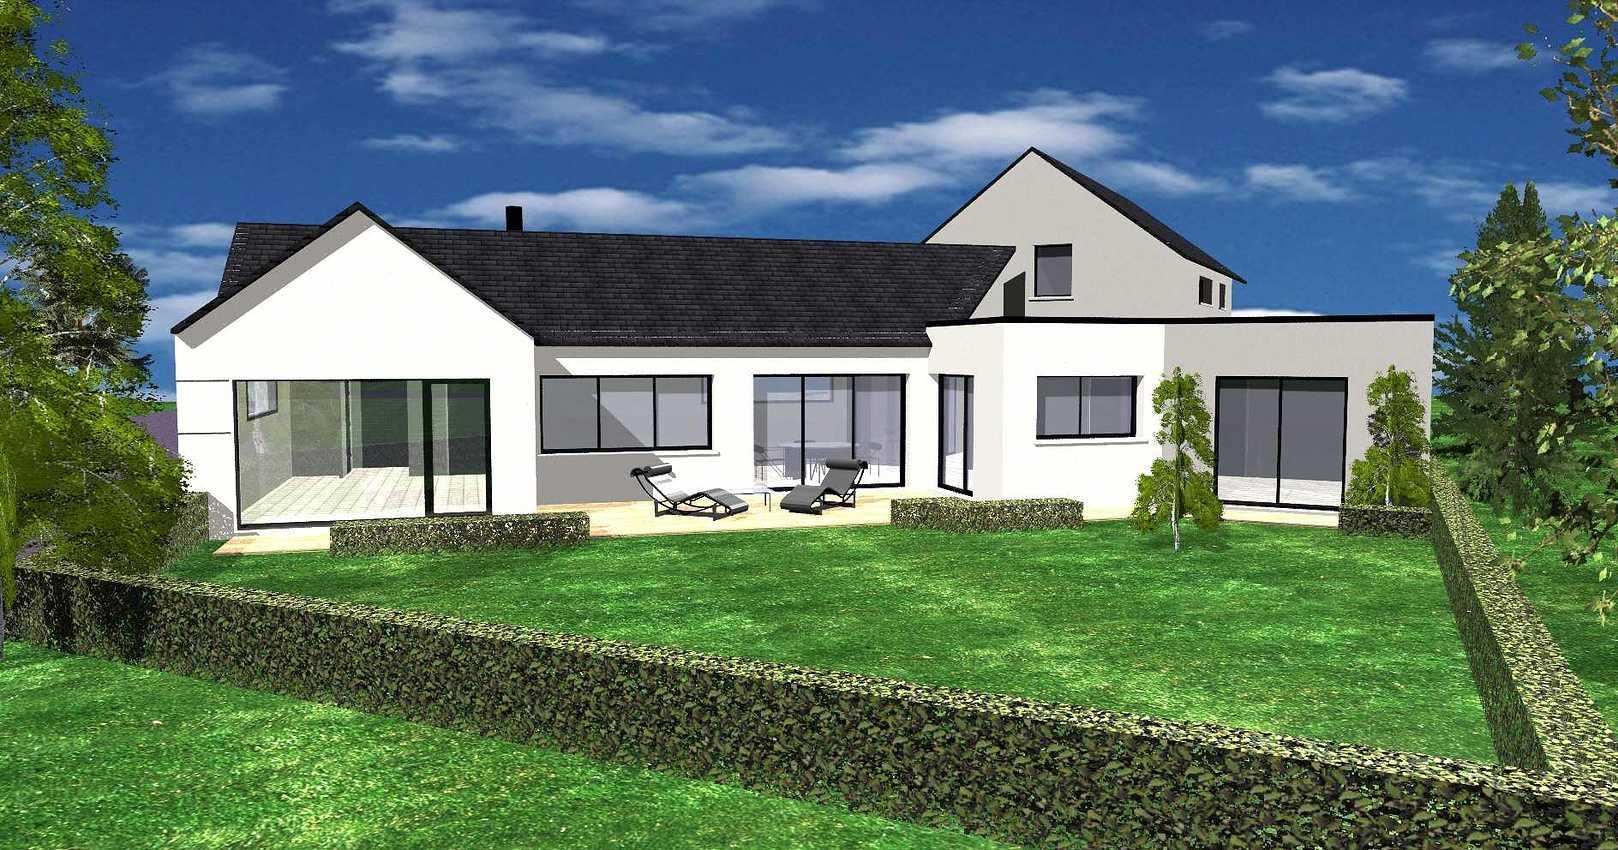 Projet maison contemporaine avec piscine - Erquy es2